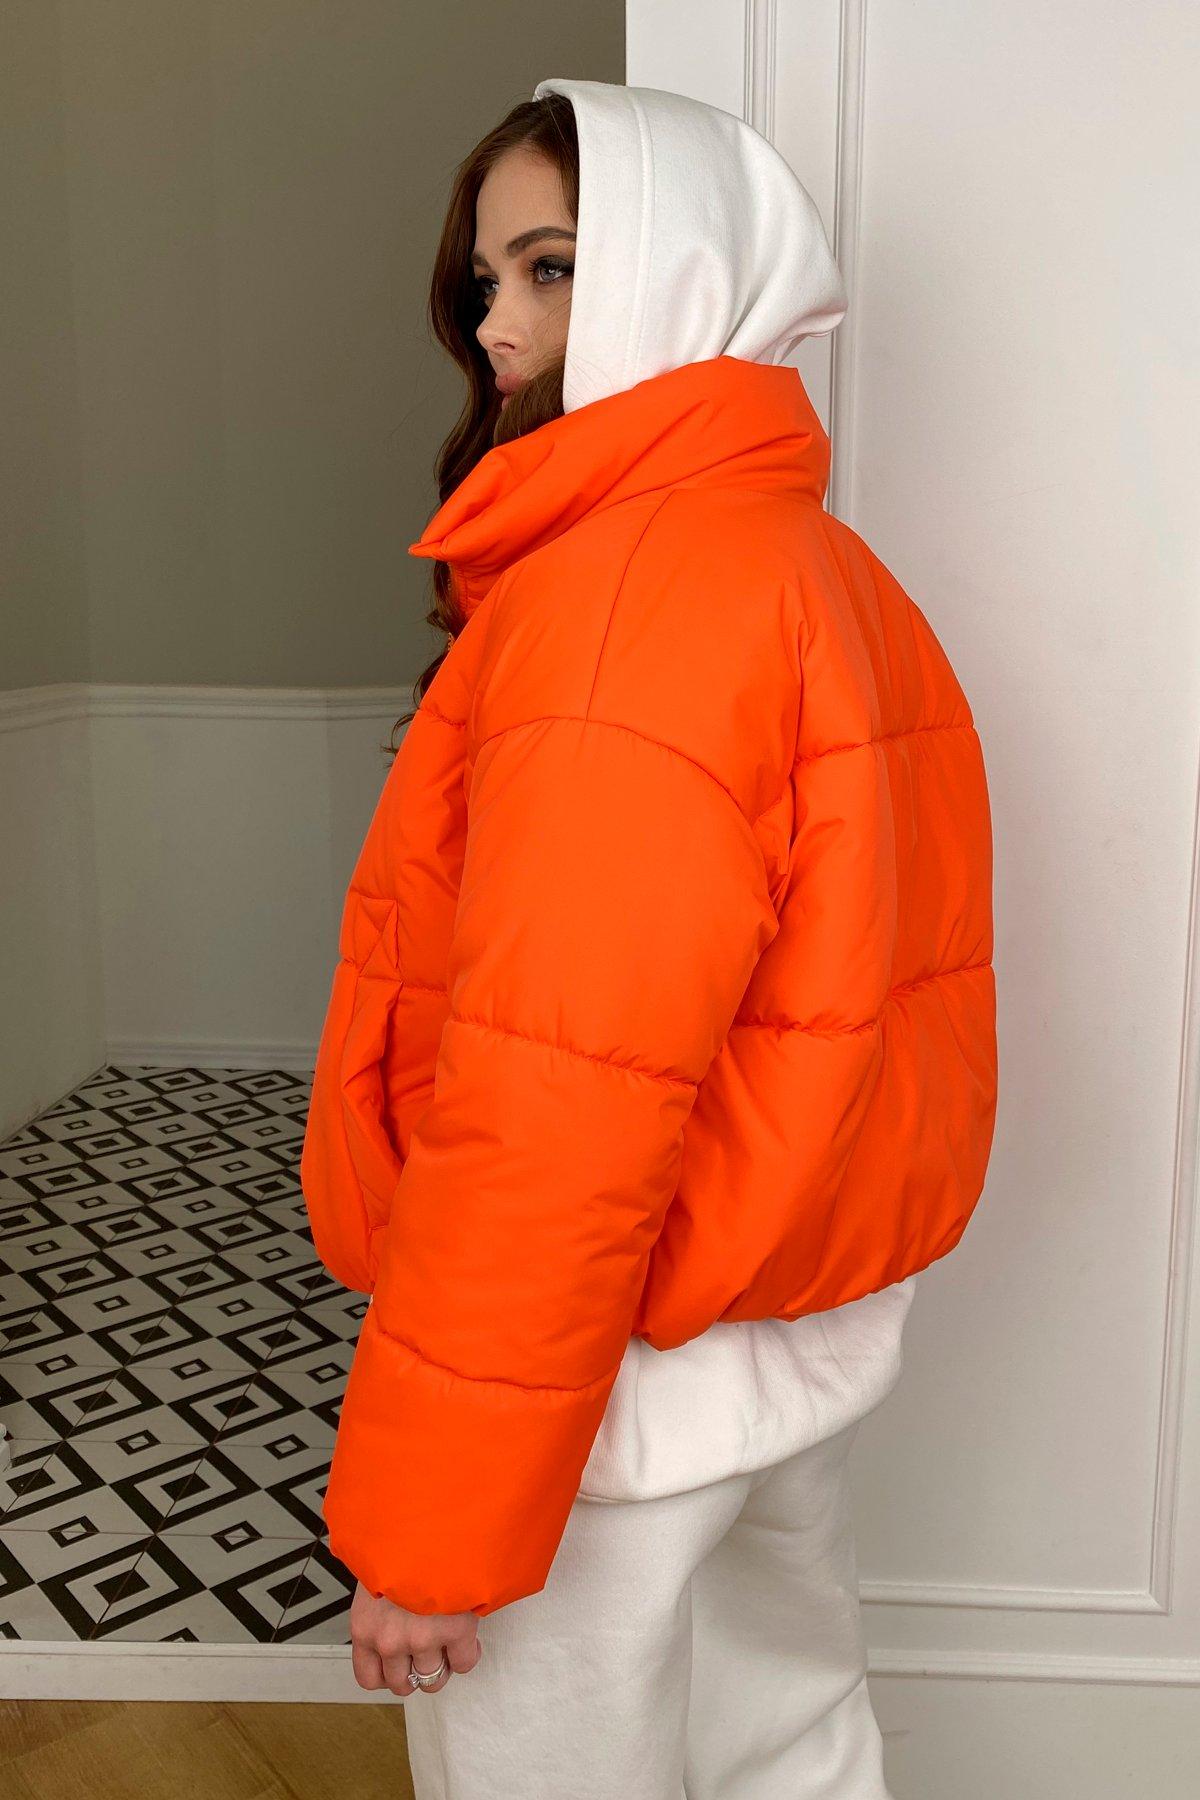 Драйв куртка из плащевой ткани 10448 АРТ. 46766 Цвет: Оранжевый 788 - фото 4, интернет магазин tm-modus.ru